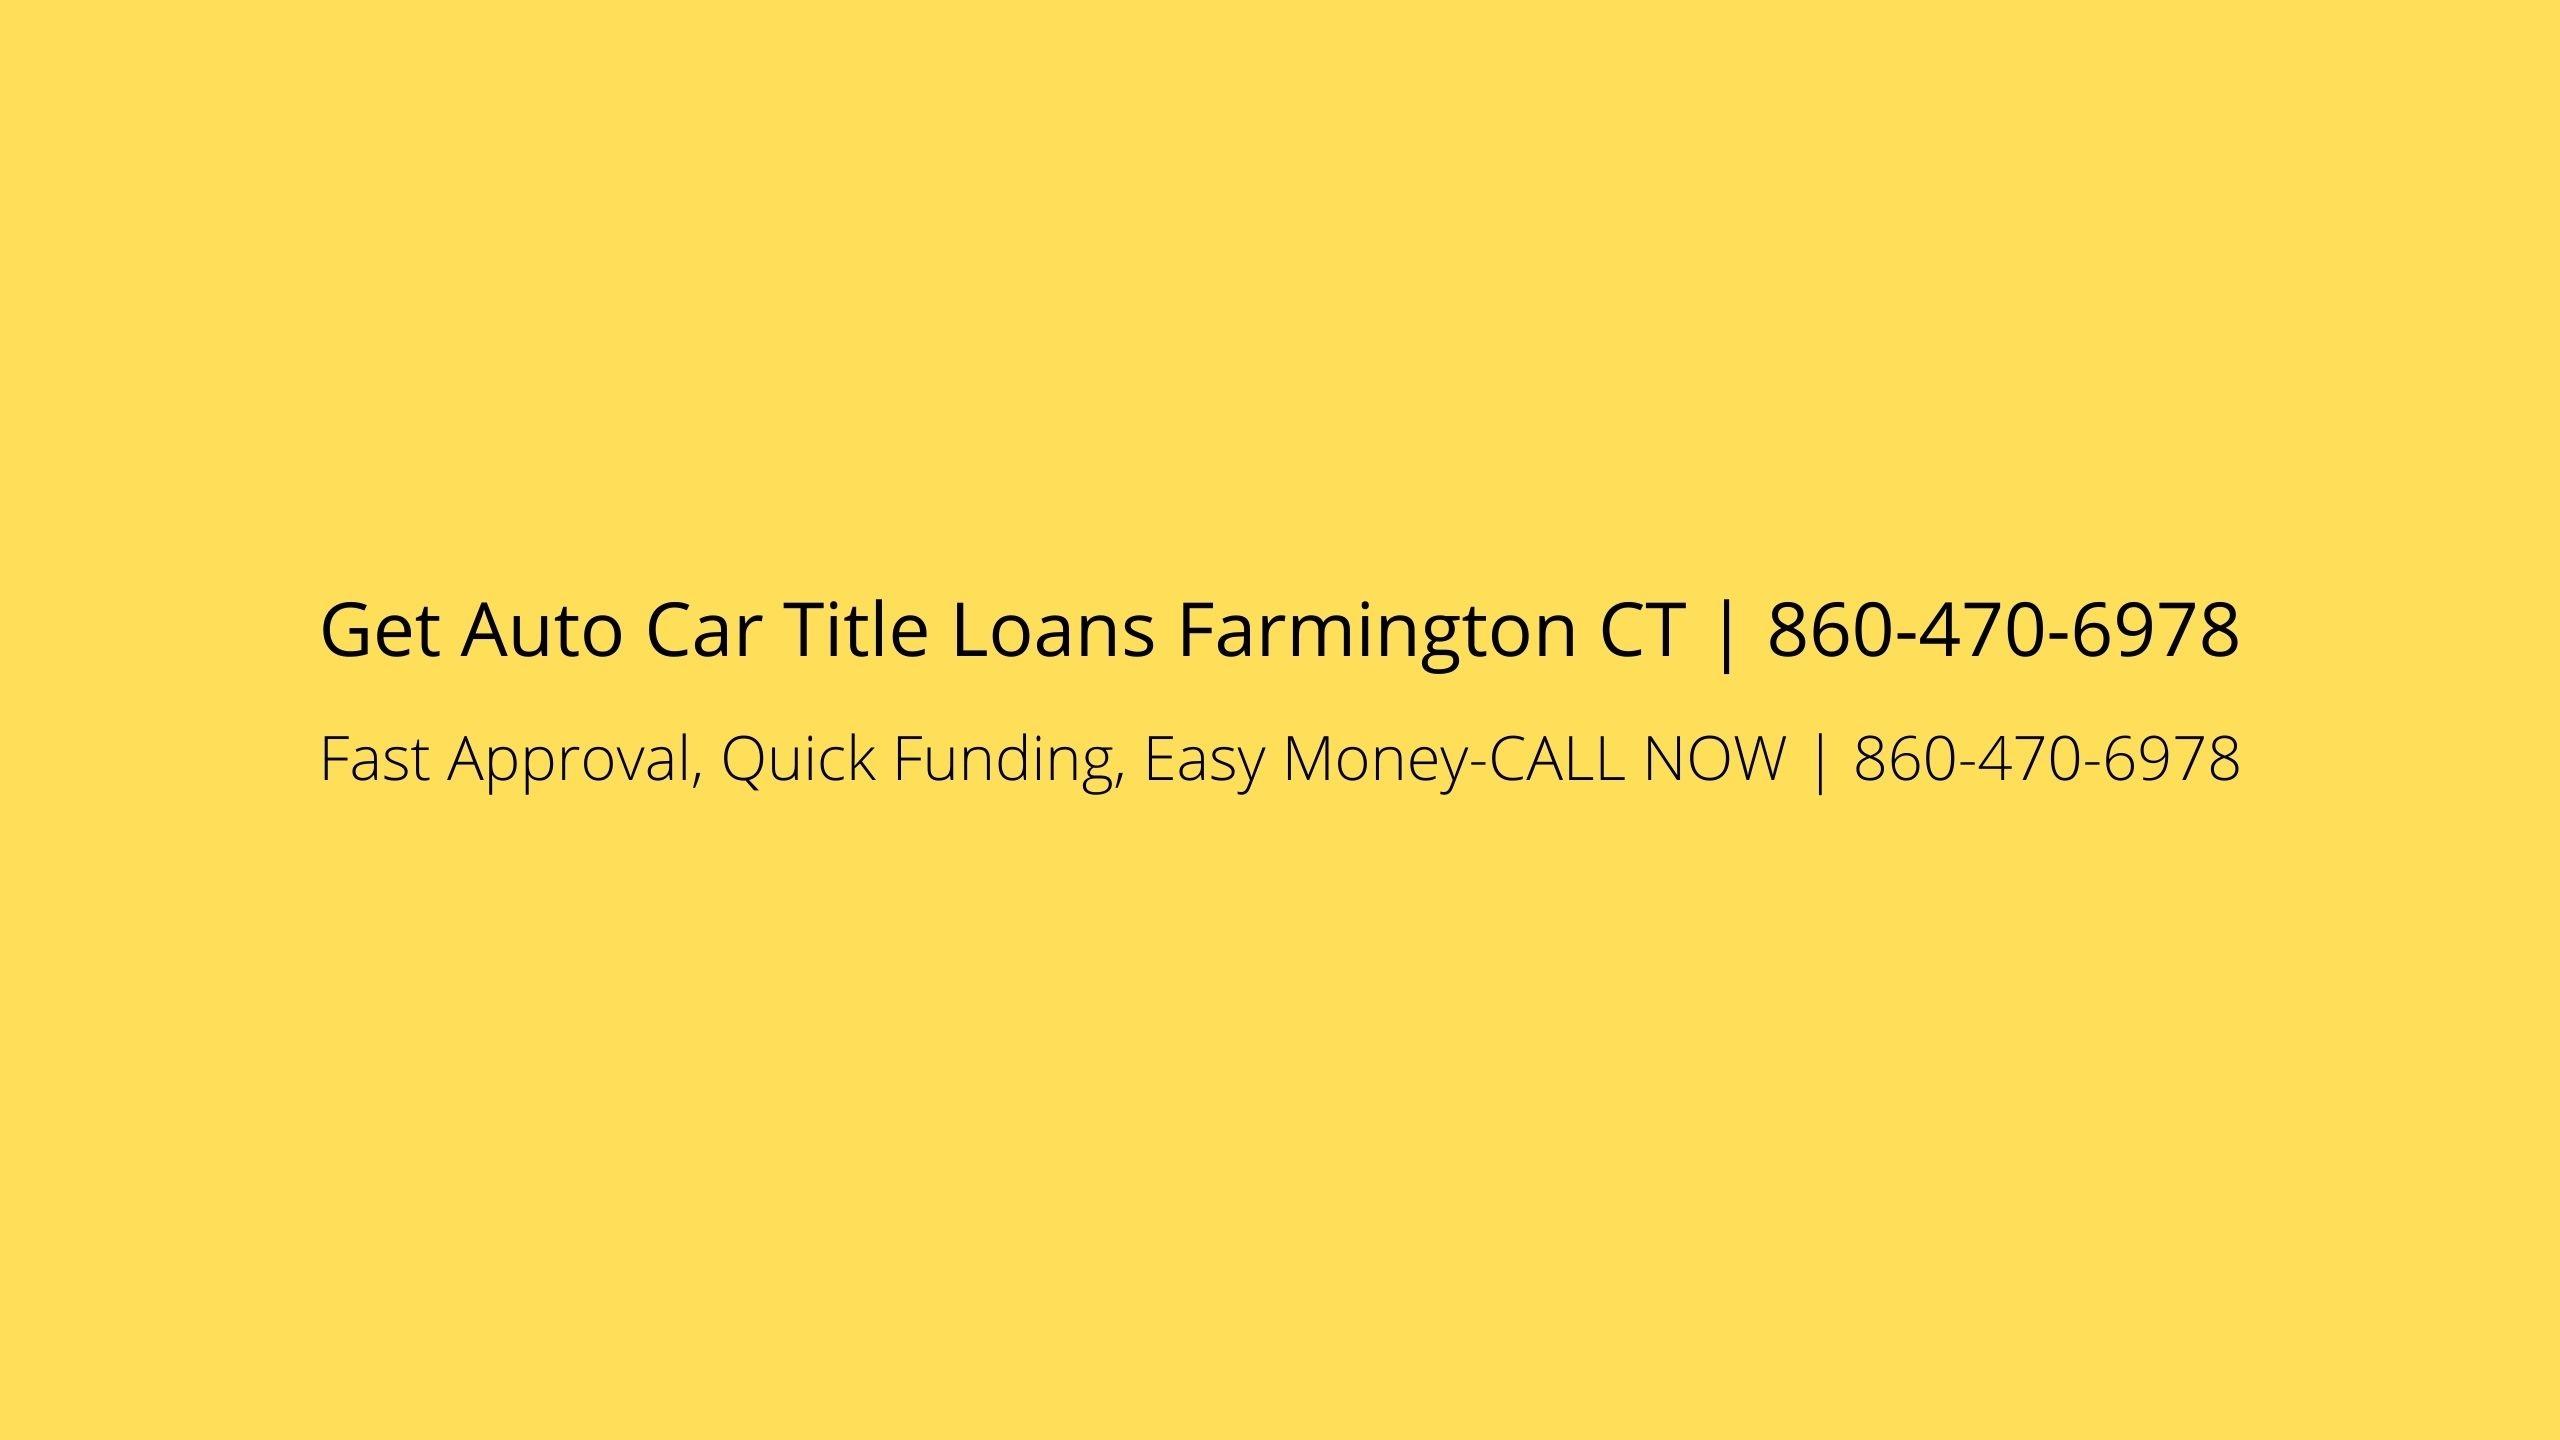 Get Auto Car Title Loans Farmington CT (@farmionatl) Cover Image